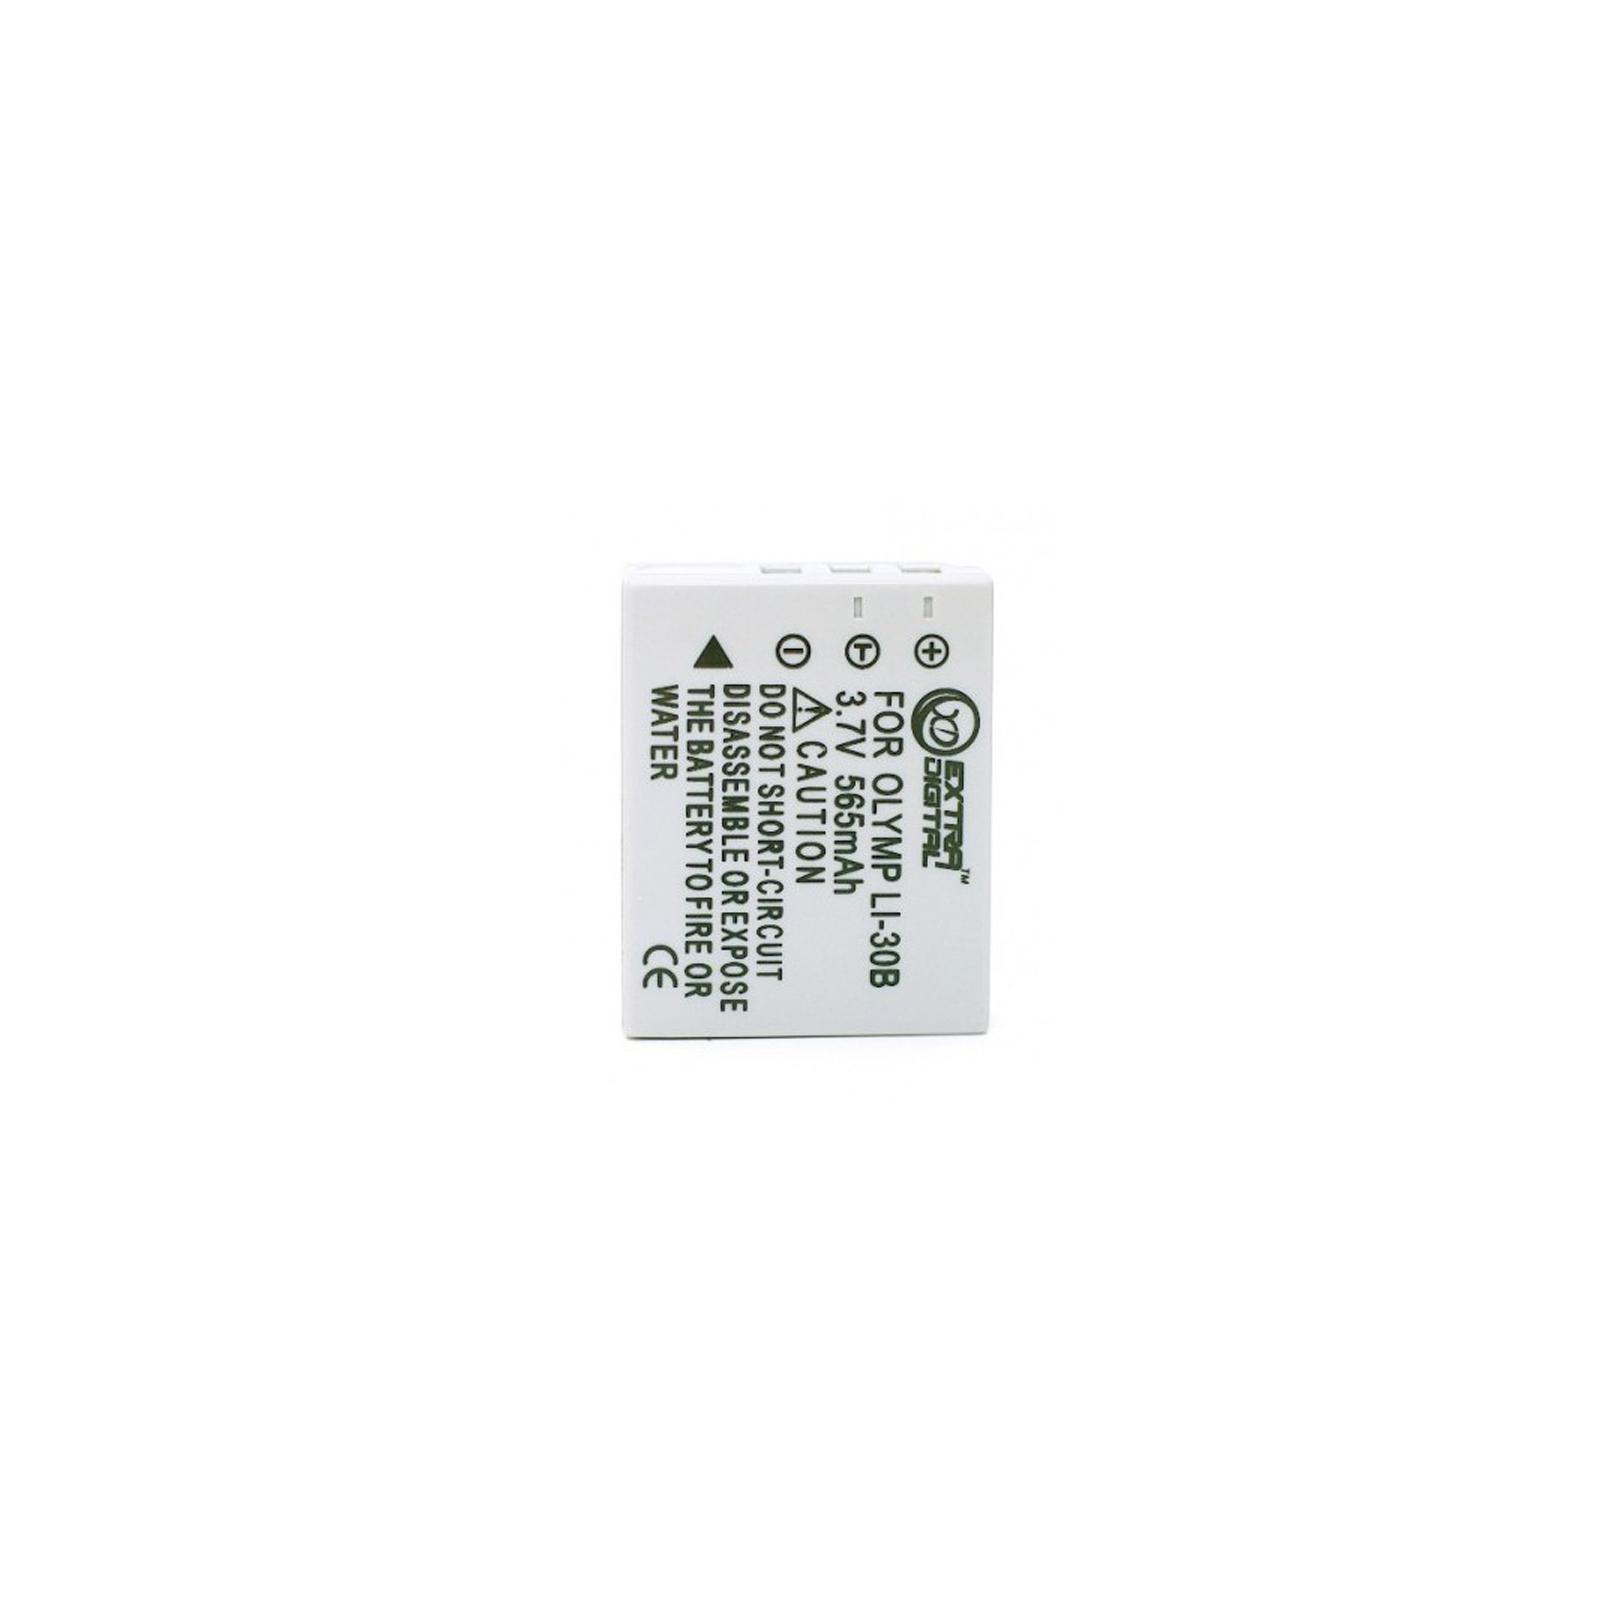 Аккумулятор к фото/видео EXTRADIGITAL Olympus Li-30B (DV00DV1058)